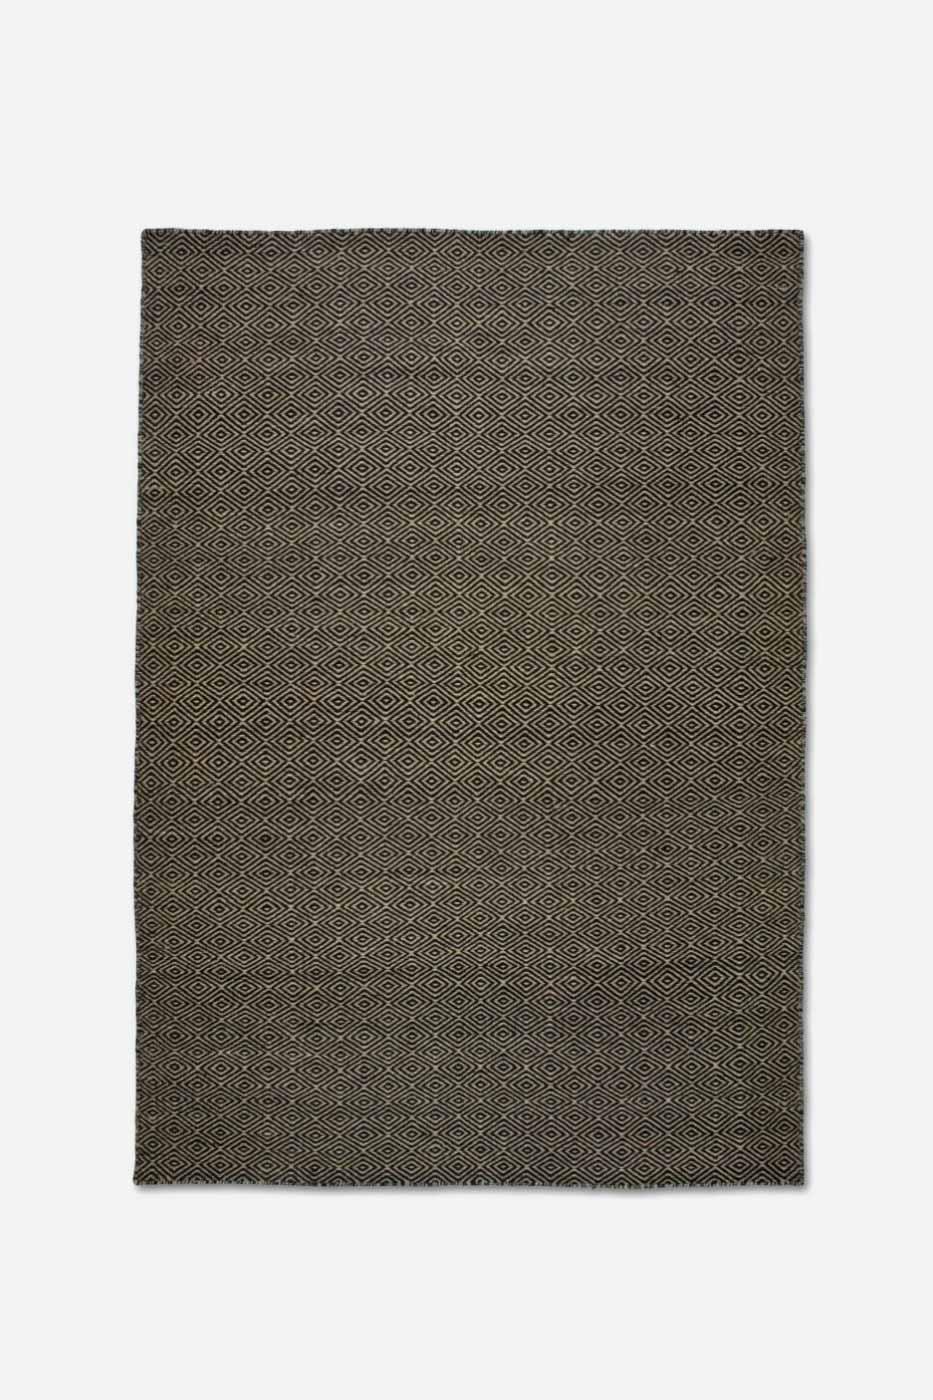 Matta Goose Eye 200x300cm Natur svart